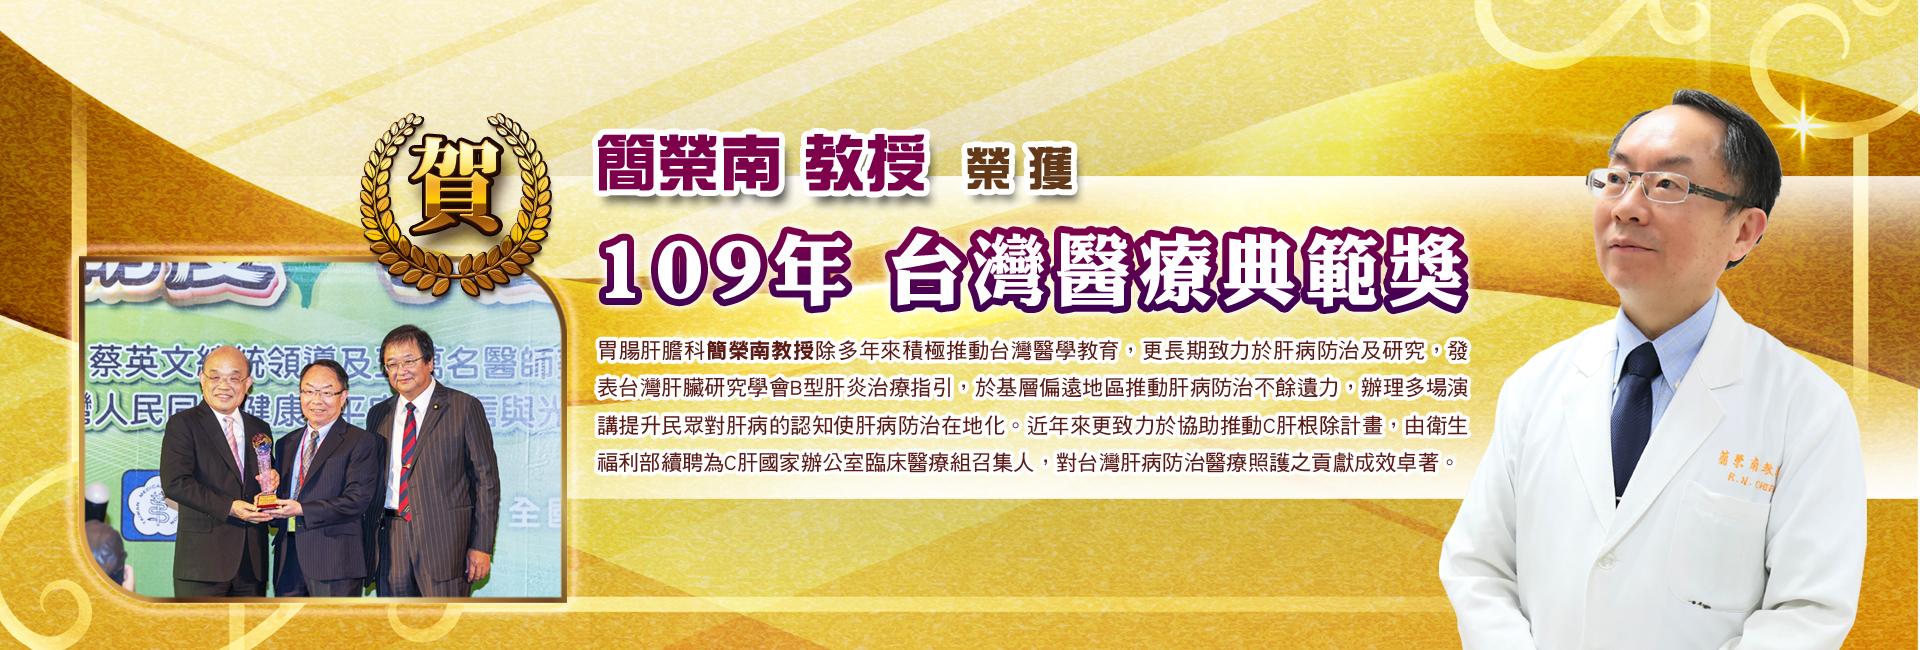 簡榮南副院長醫療典範獎